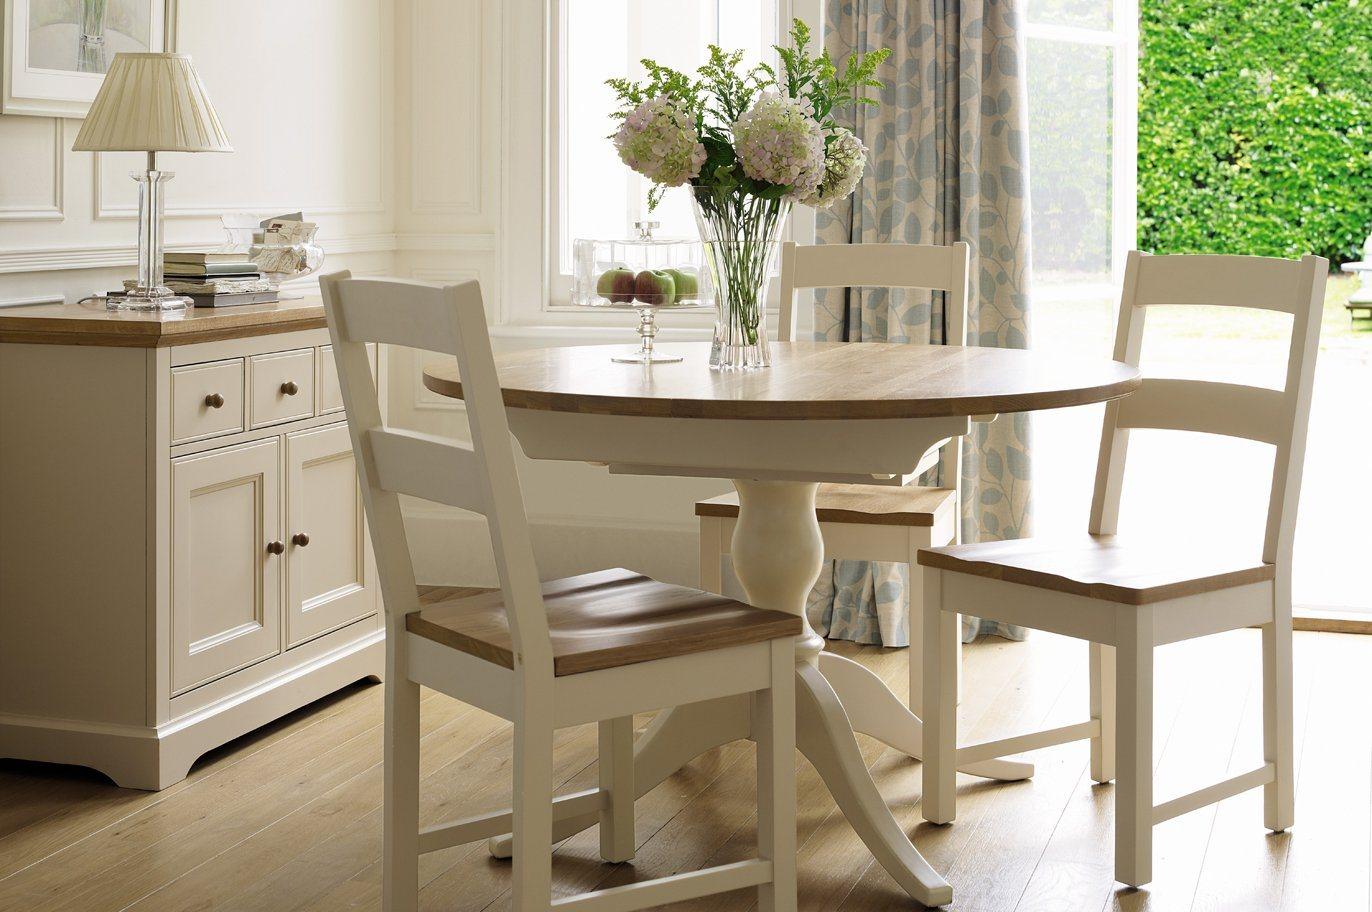 #458528 Móveis para uma cozinha de estilo inglês. Decoração da casa. 1372x912 px Estilo De Cozinha Em Casa_222 Imagens